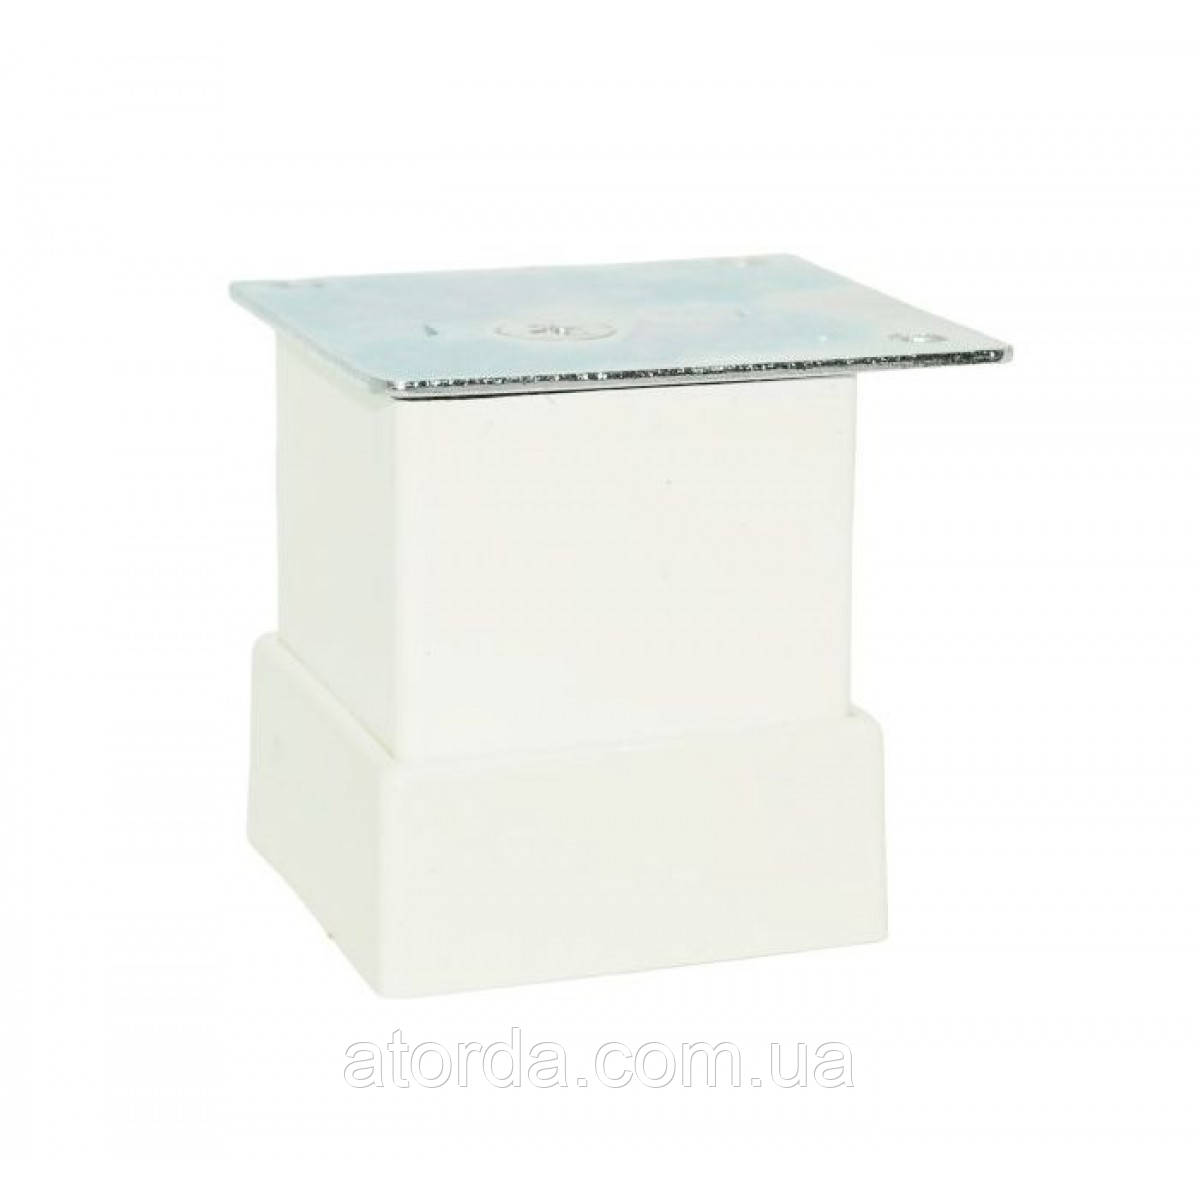 Ніжка меблева регульована Kare Duz 110-013, 40х40 мм, Н=50 мм Біла